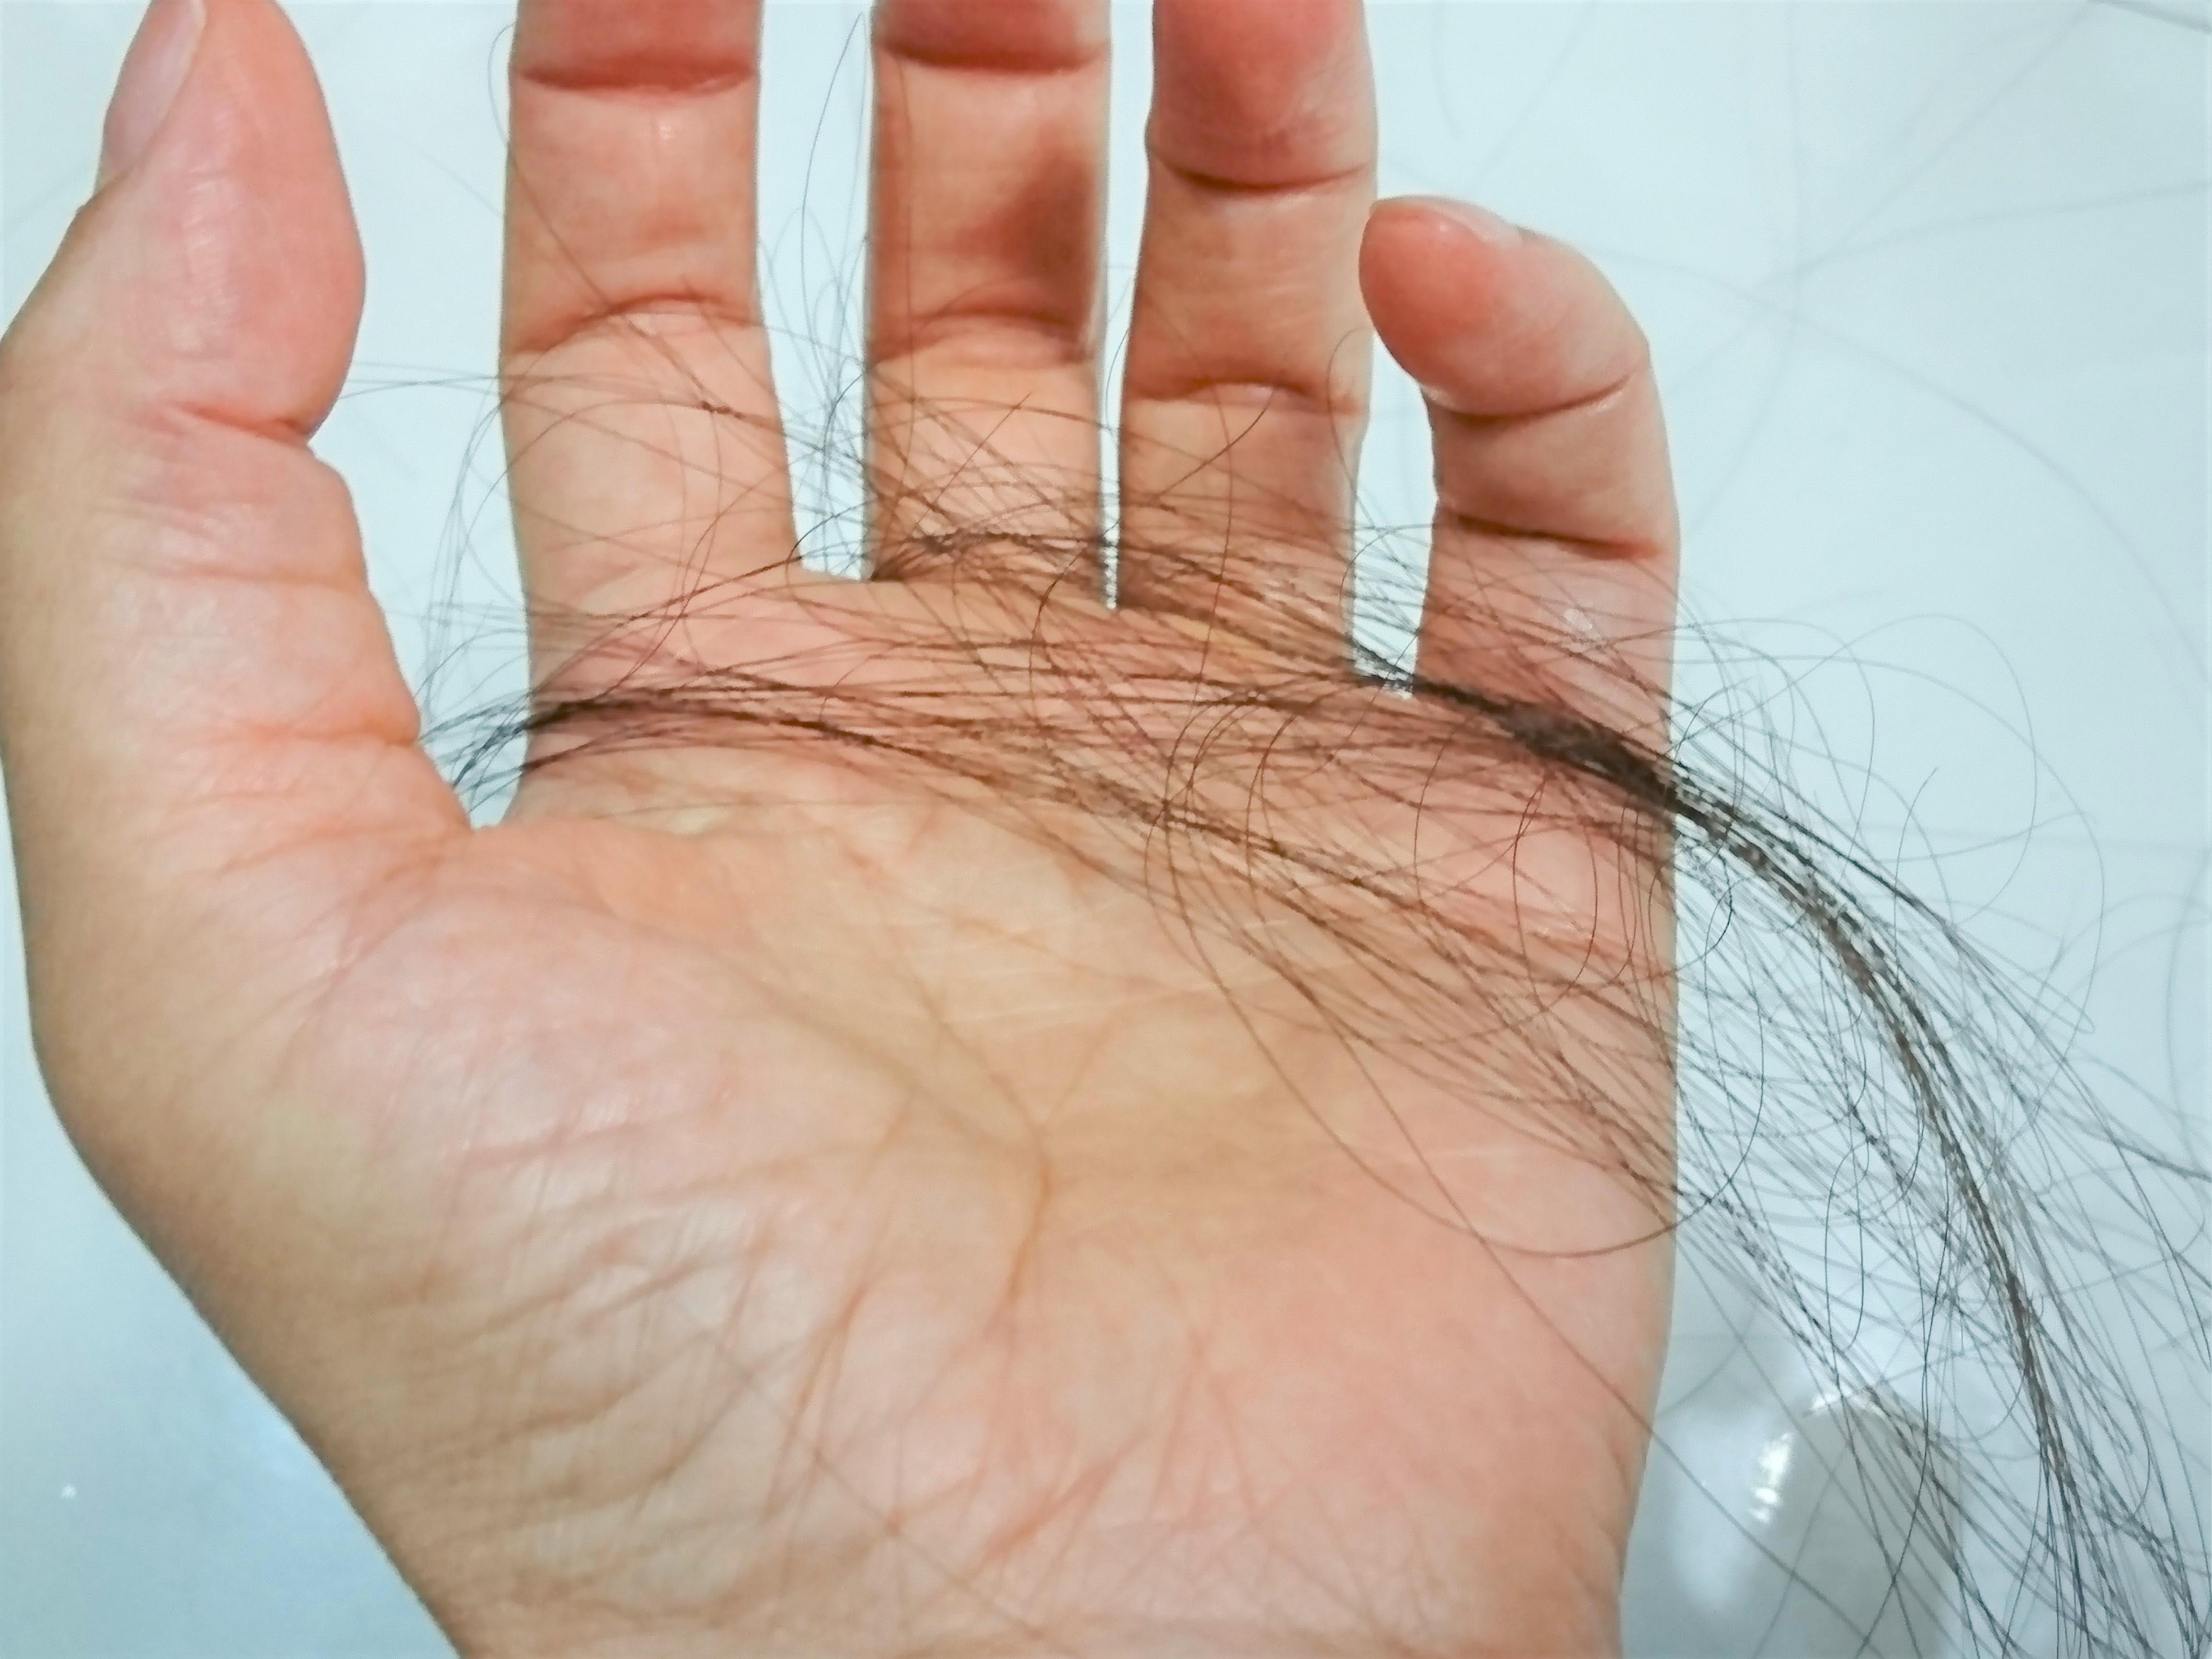 薄毛治療薬のフィンカーの効果を最大限にする方法!